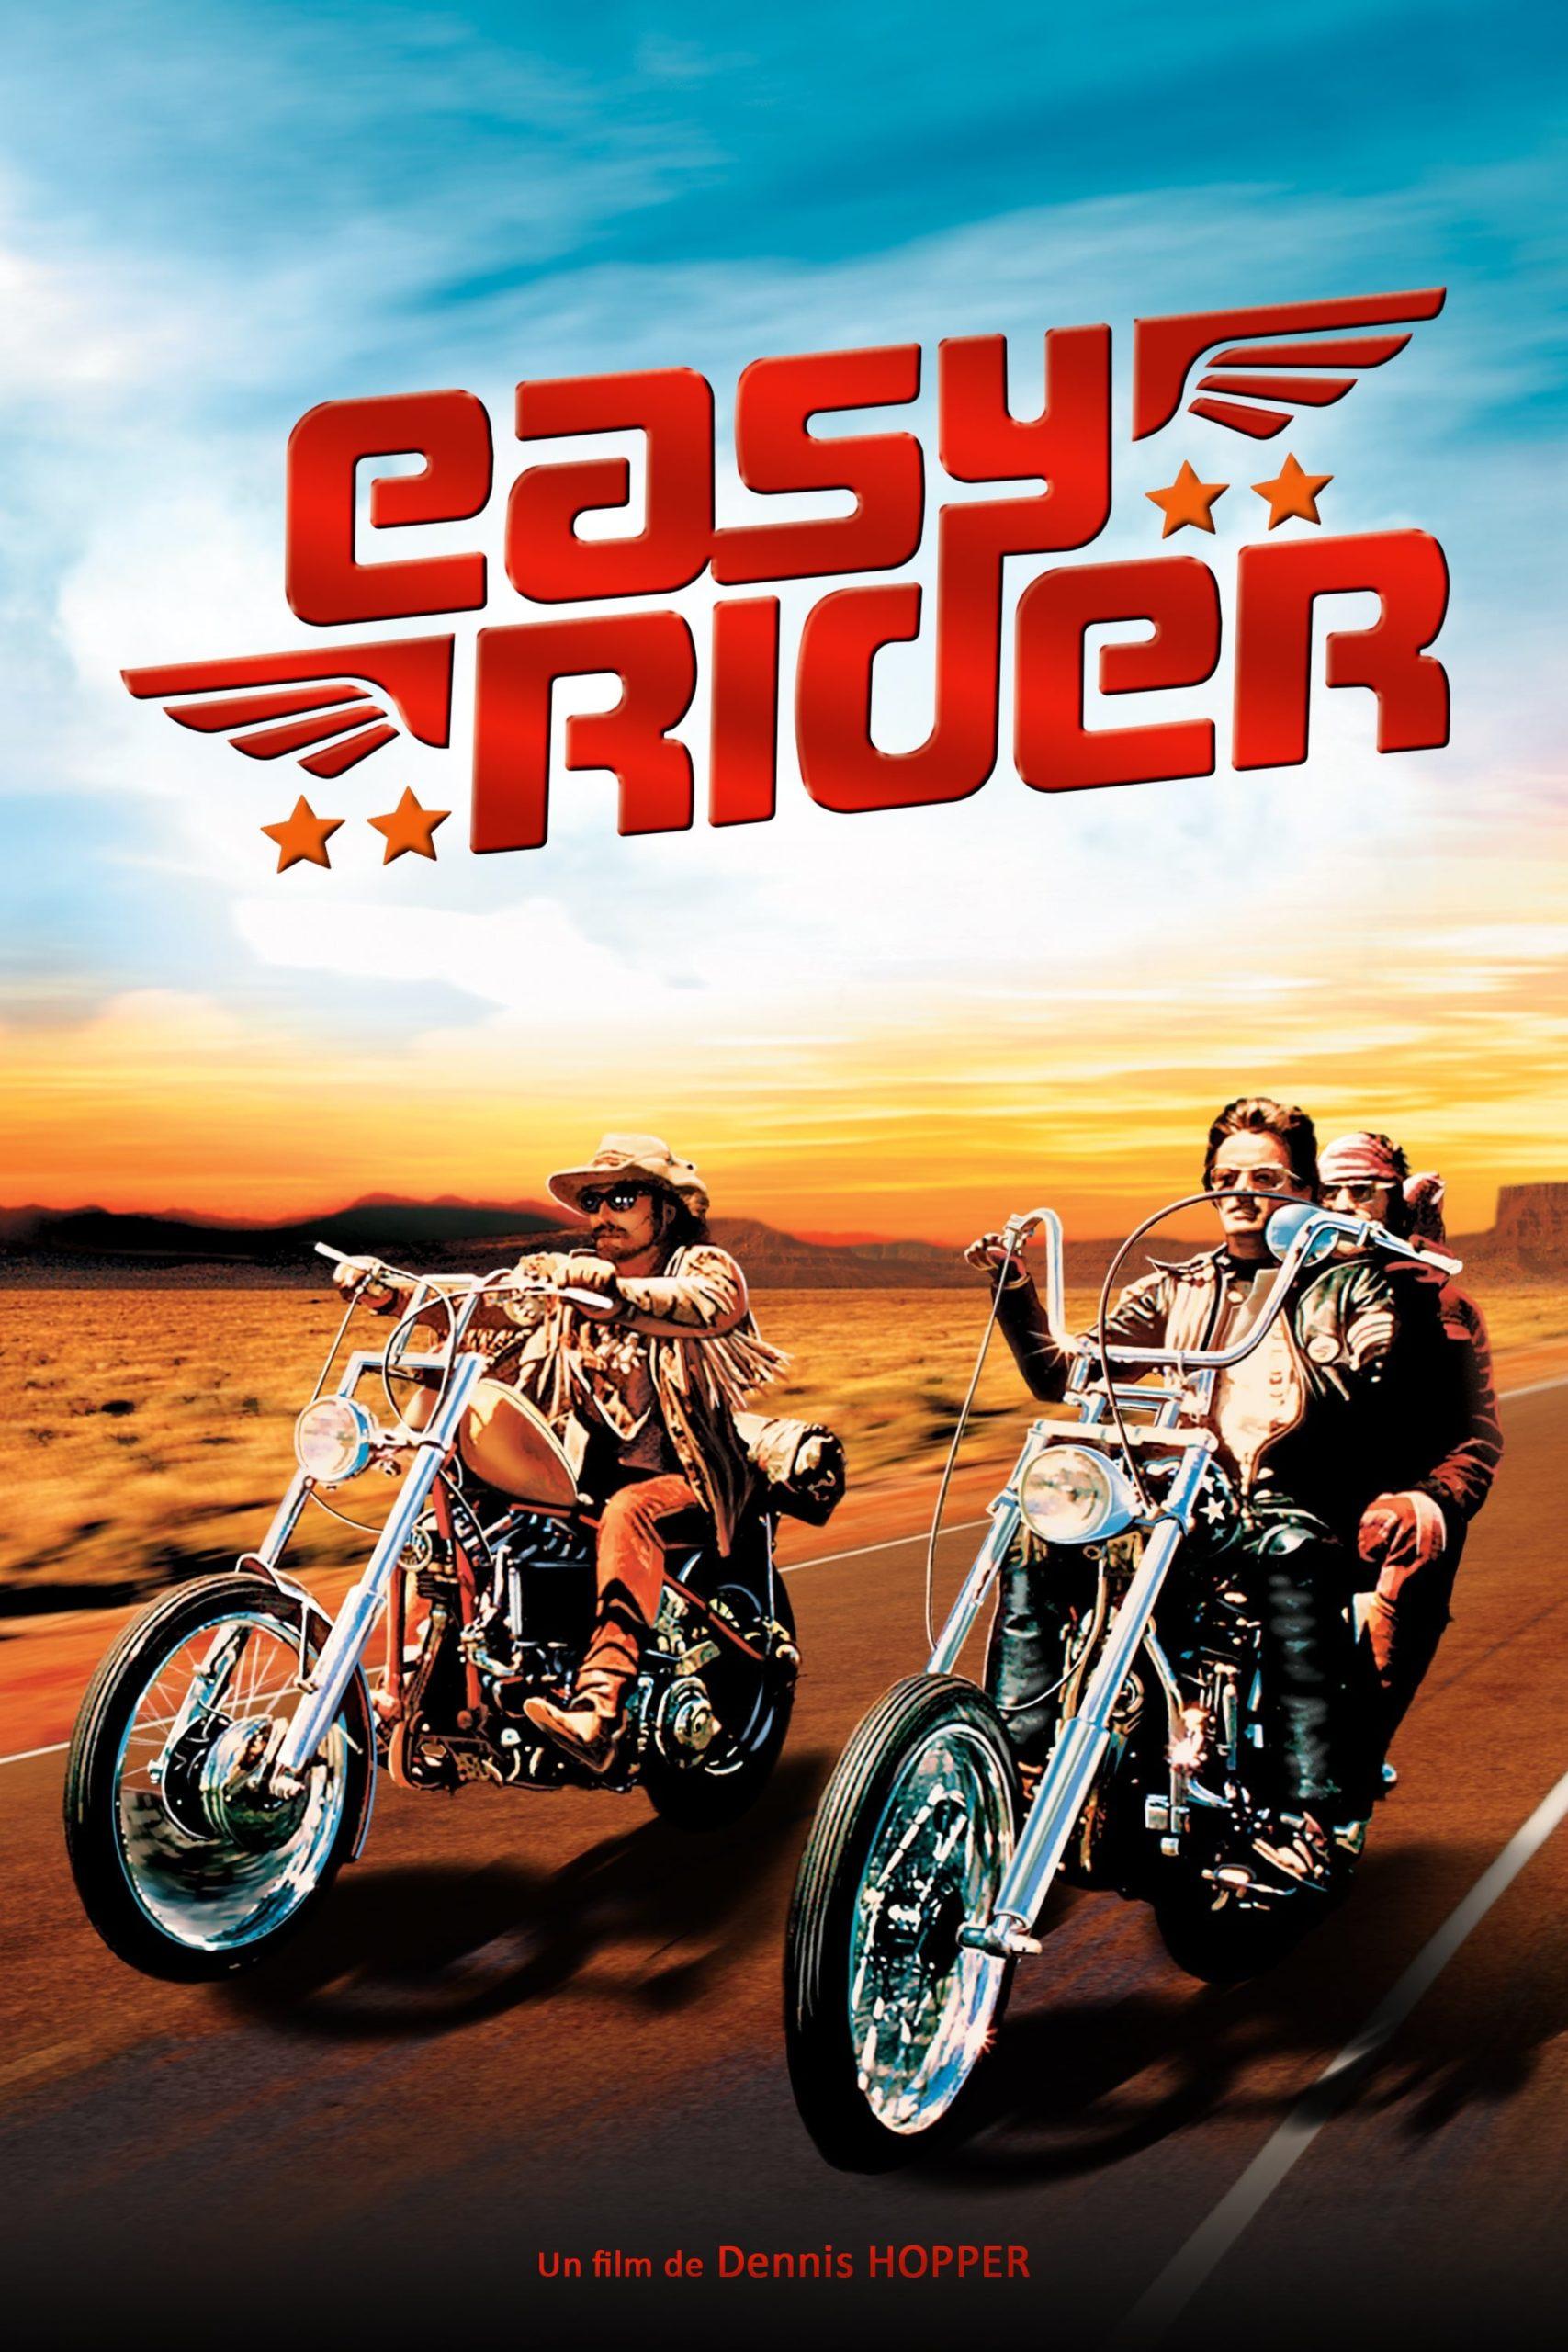 Regarder Easy Rider en streaming gratuit